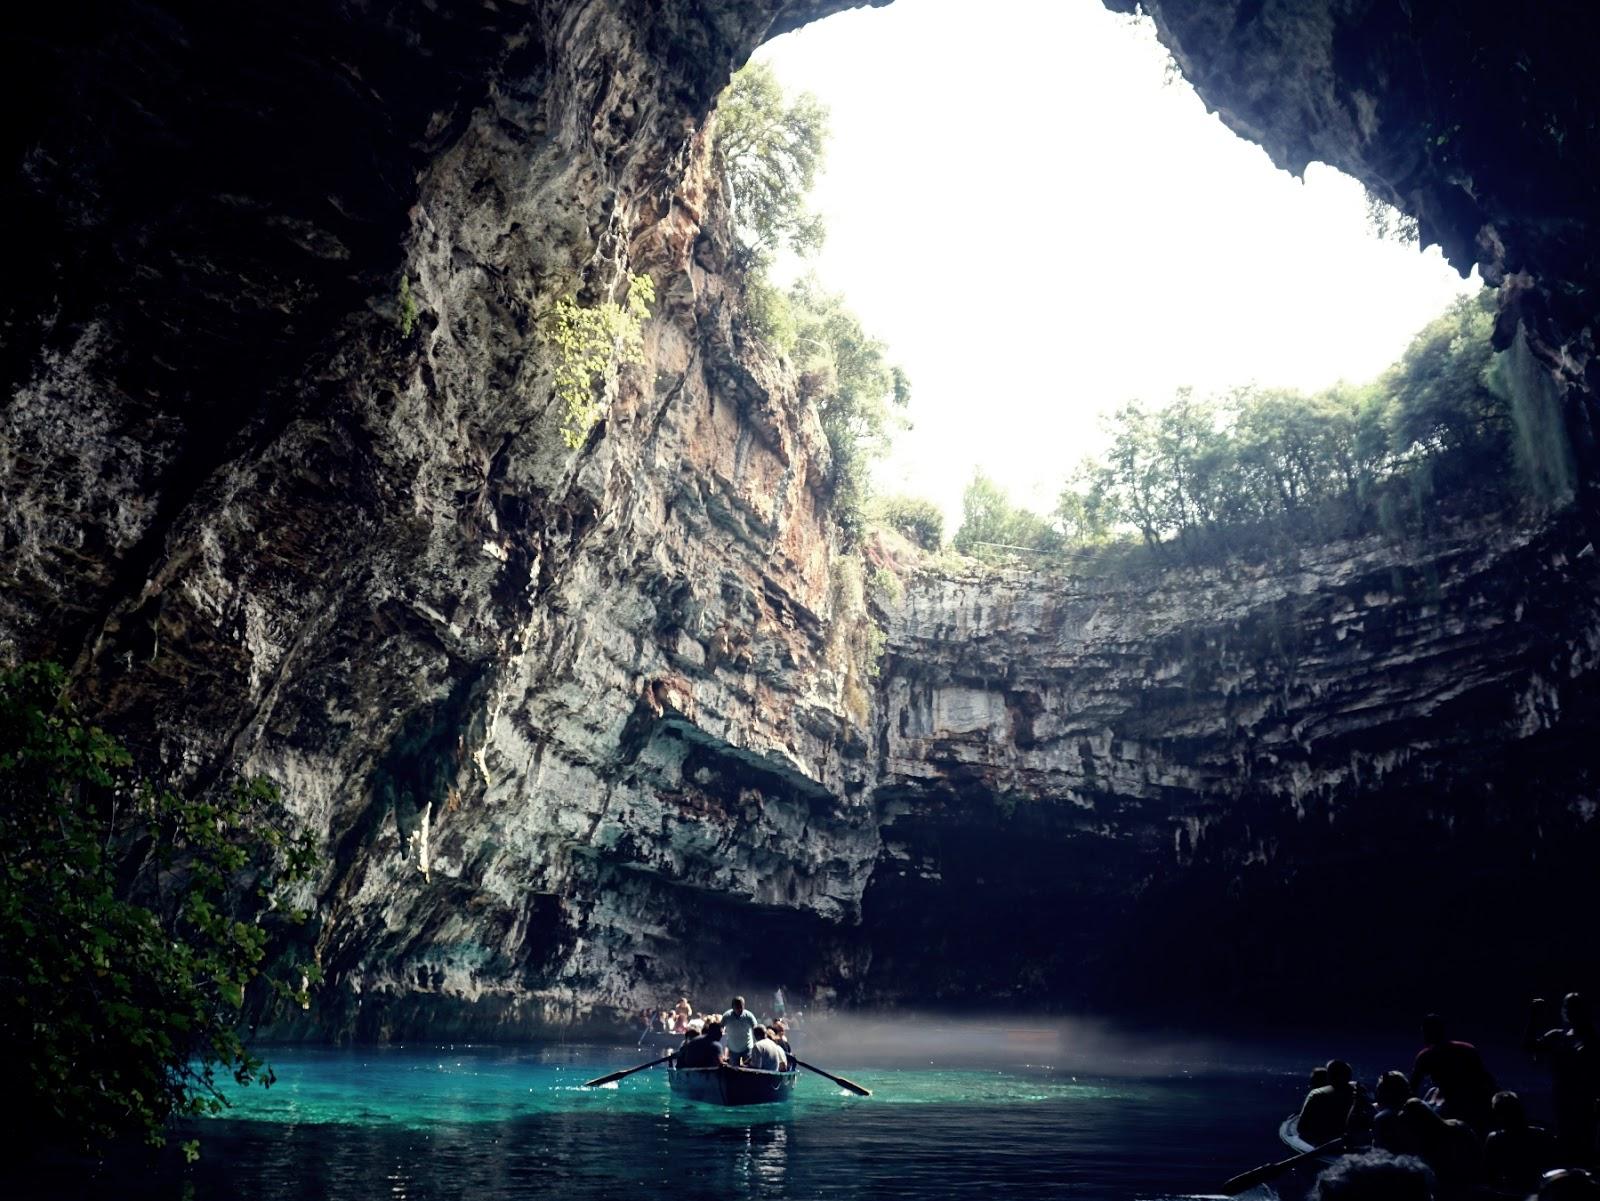 Jeziorko Melissani, podziemne jezioro, jaskinia Melissani, jaskinia nimf, Kefalonia, Kefalinia, Grecja, Wyspy Jońskie, atrakcje Grecji, atrakcje Kefalonii, co zobaczyć na Kefalonii, wakacje w Grecji, lato w Grecji, panidorcia